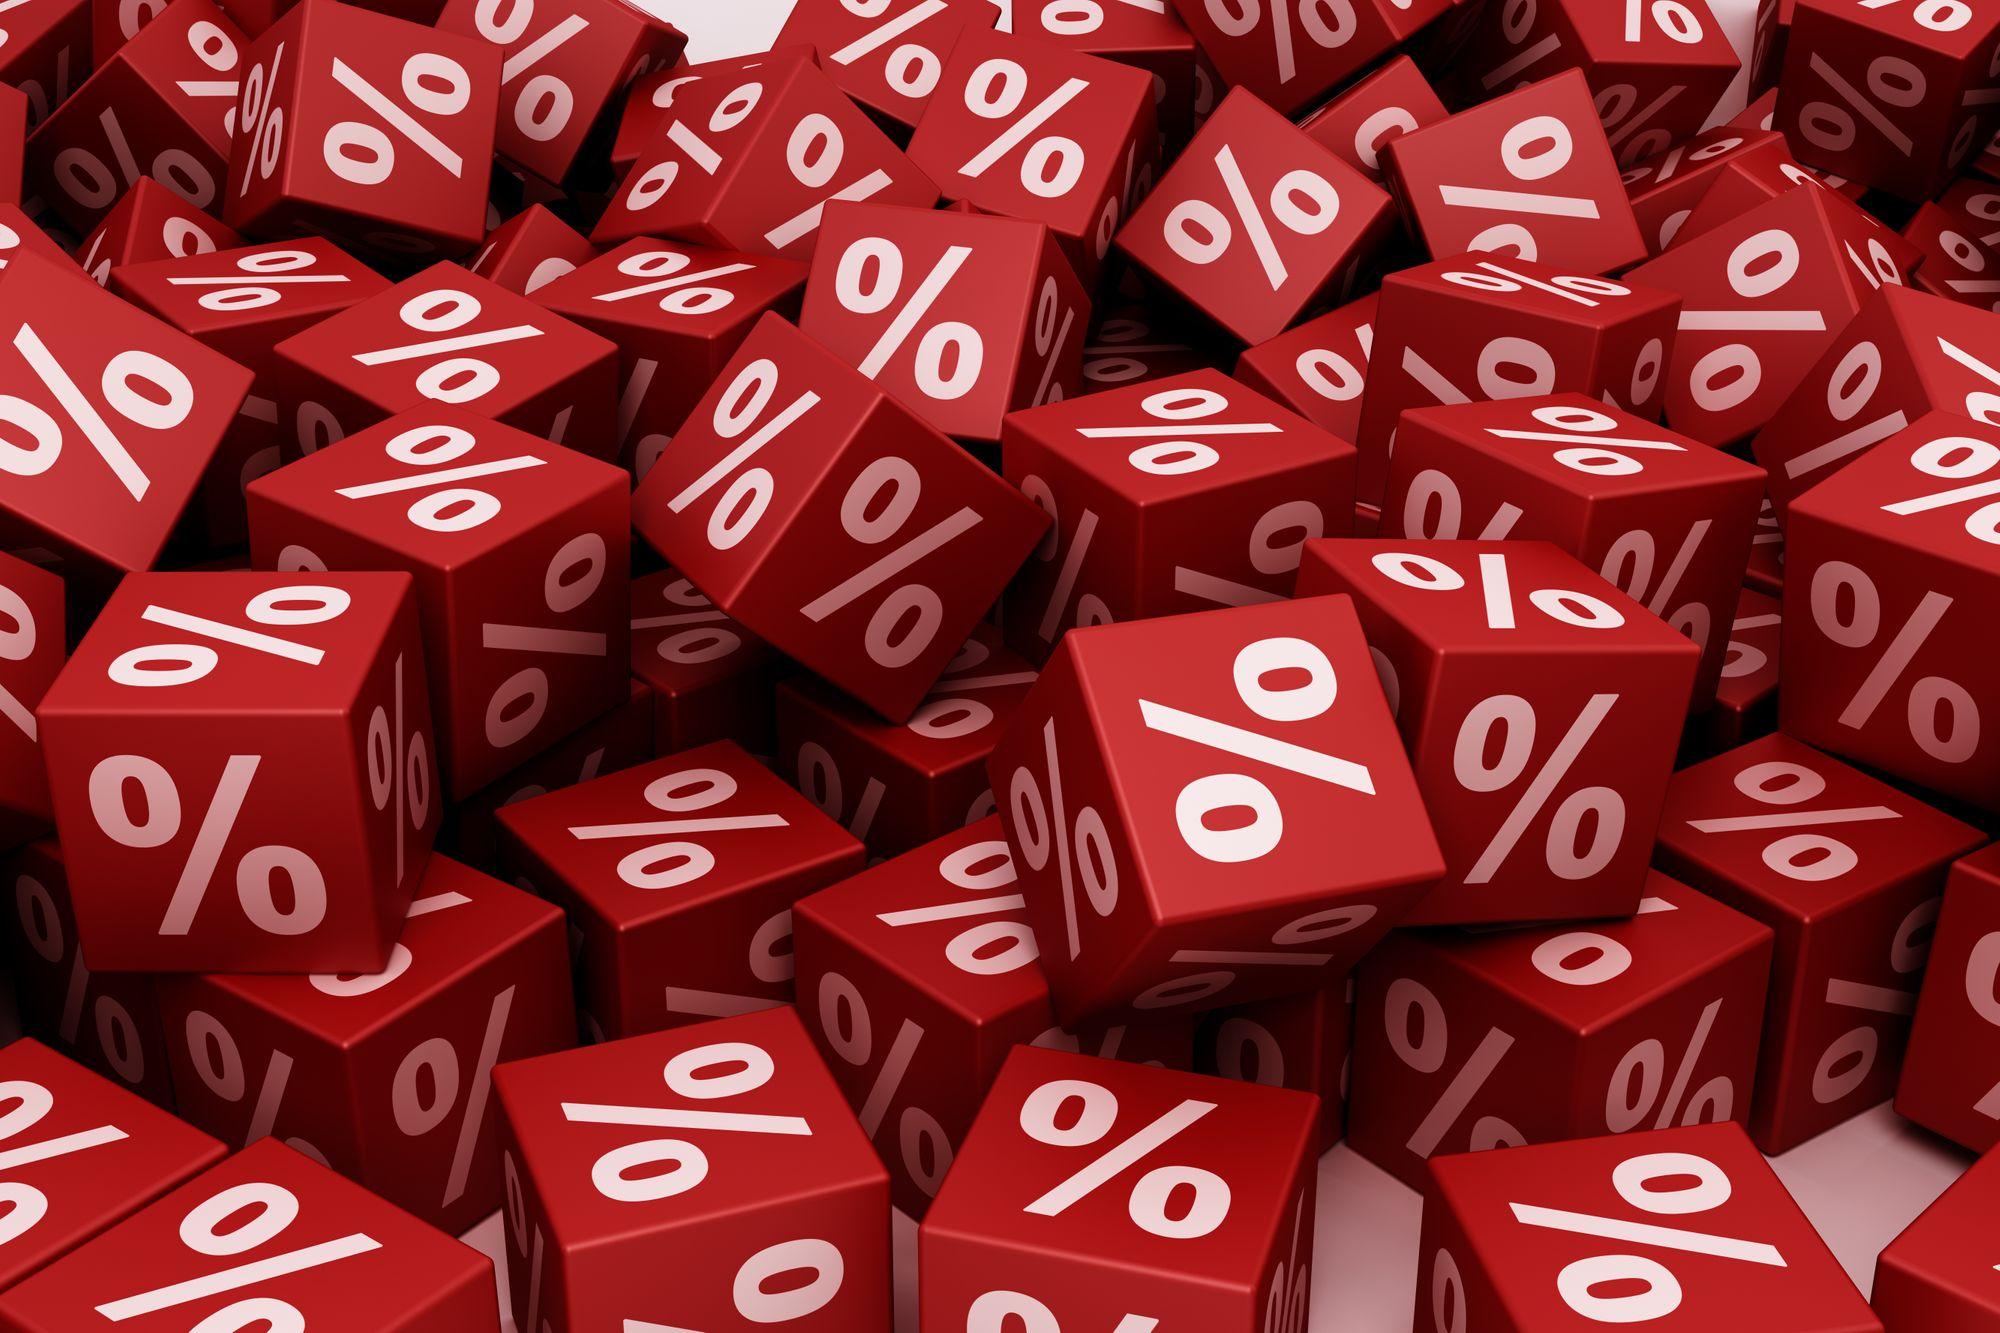 ¿Cuáles son los diferentes tipos de interés?